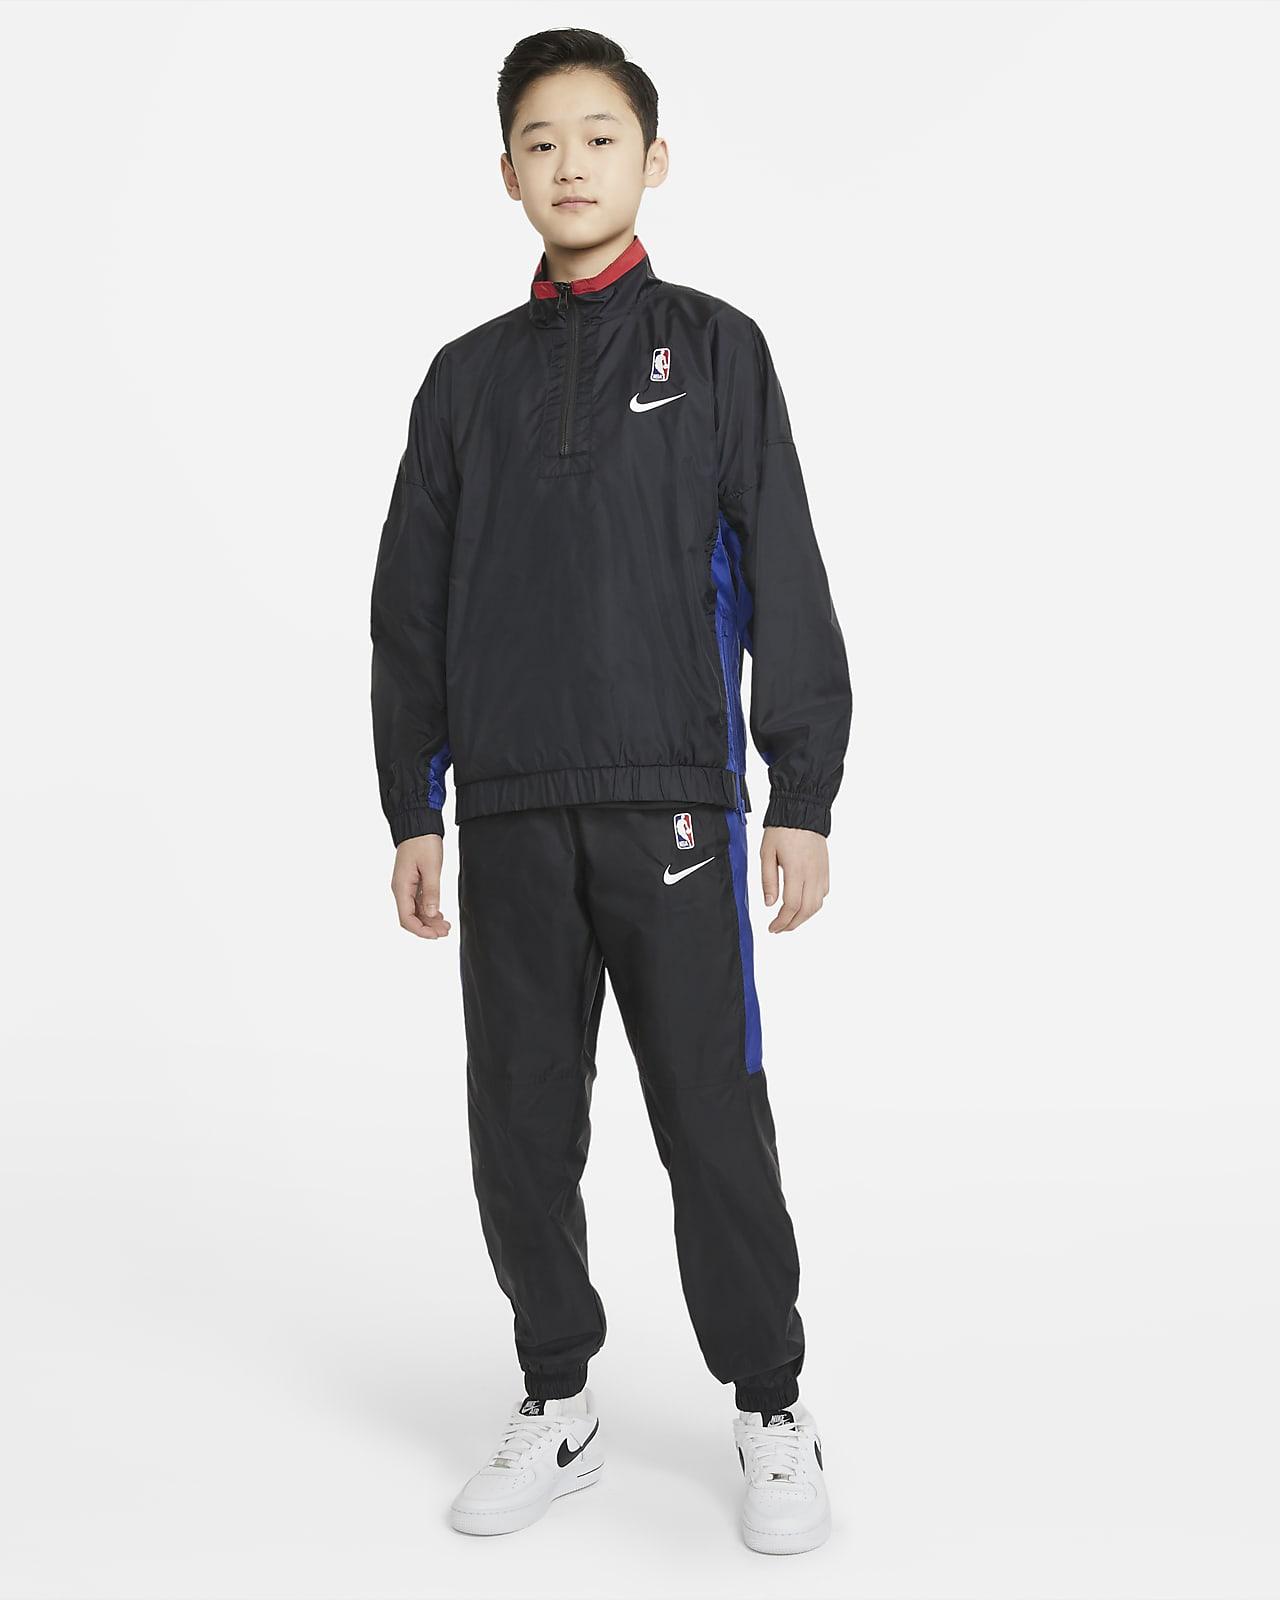 Team 31 Courtside NBA Trainingsanzug für ältere Kinder (Jungen)